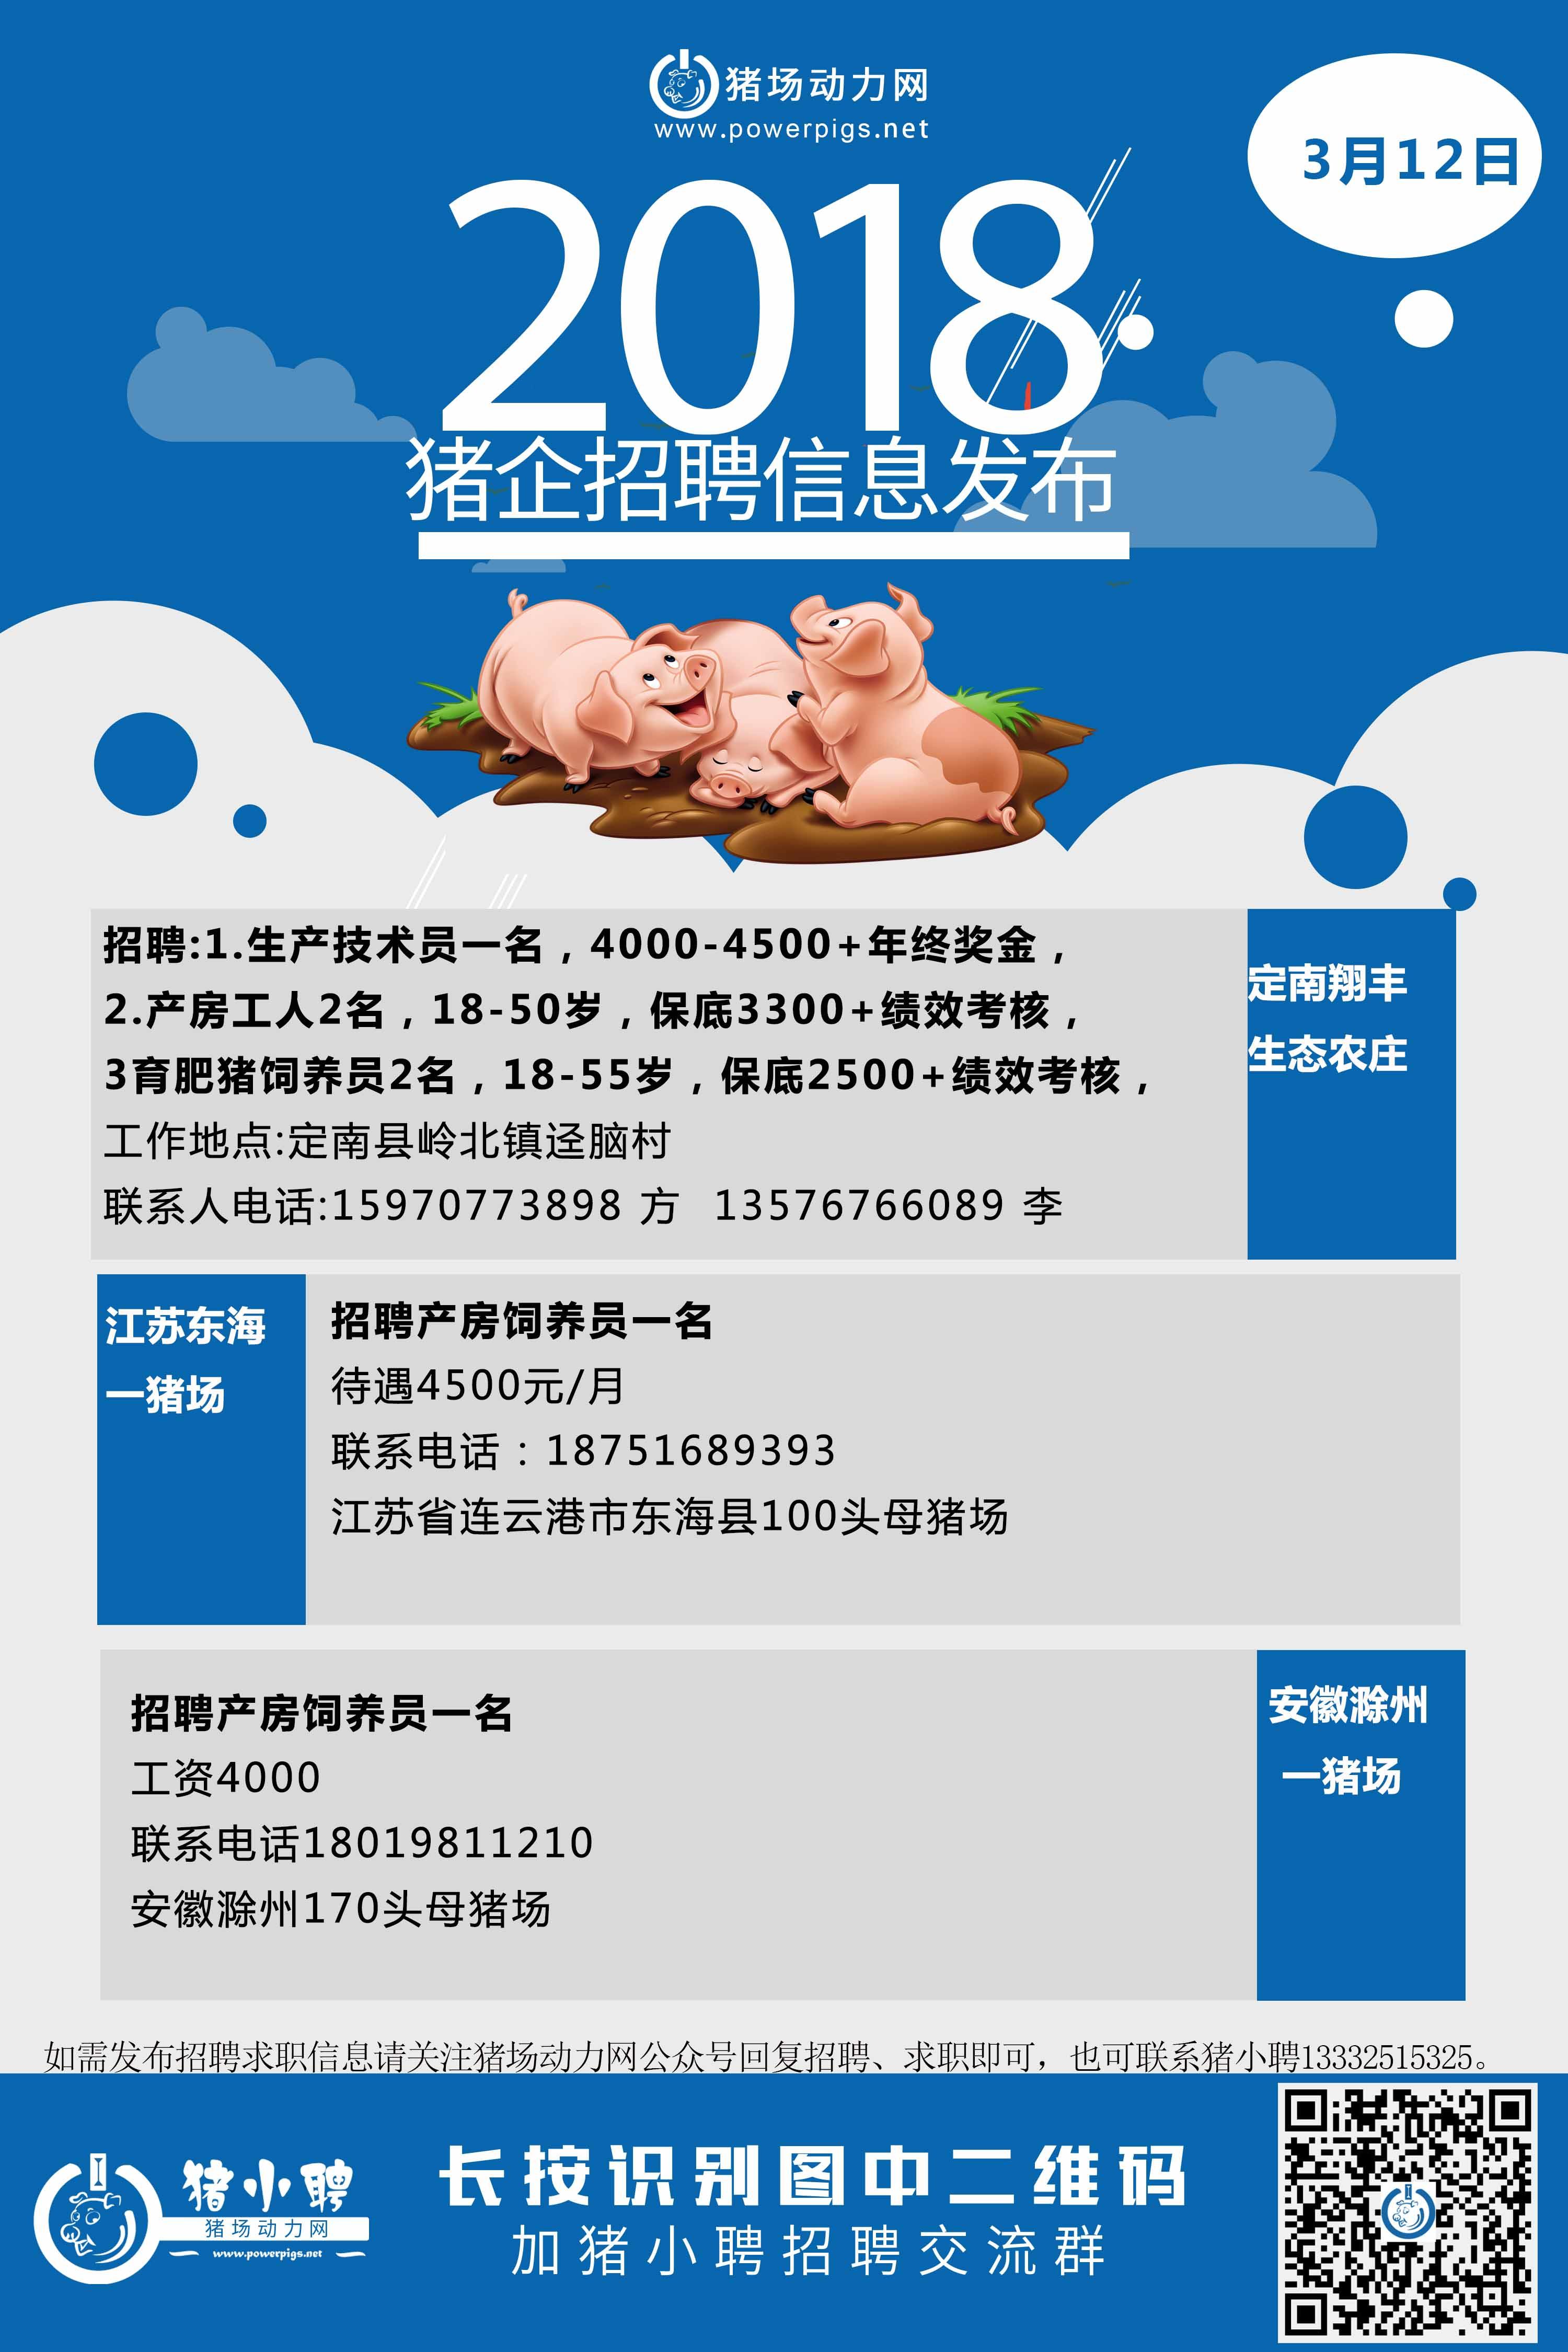 3.12日猪场招聘.jpg